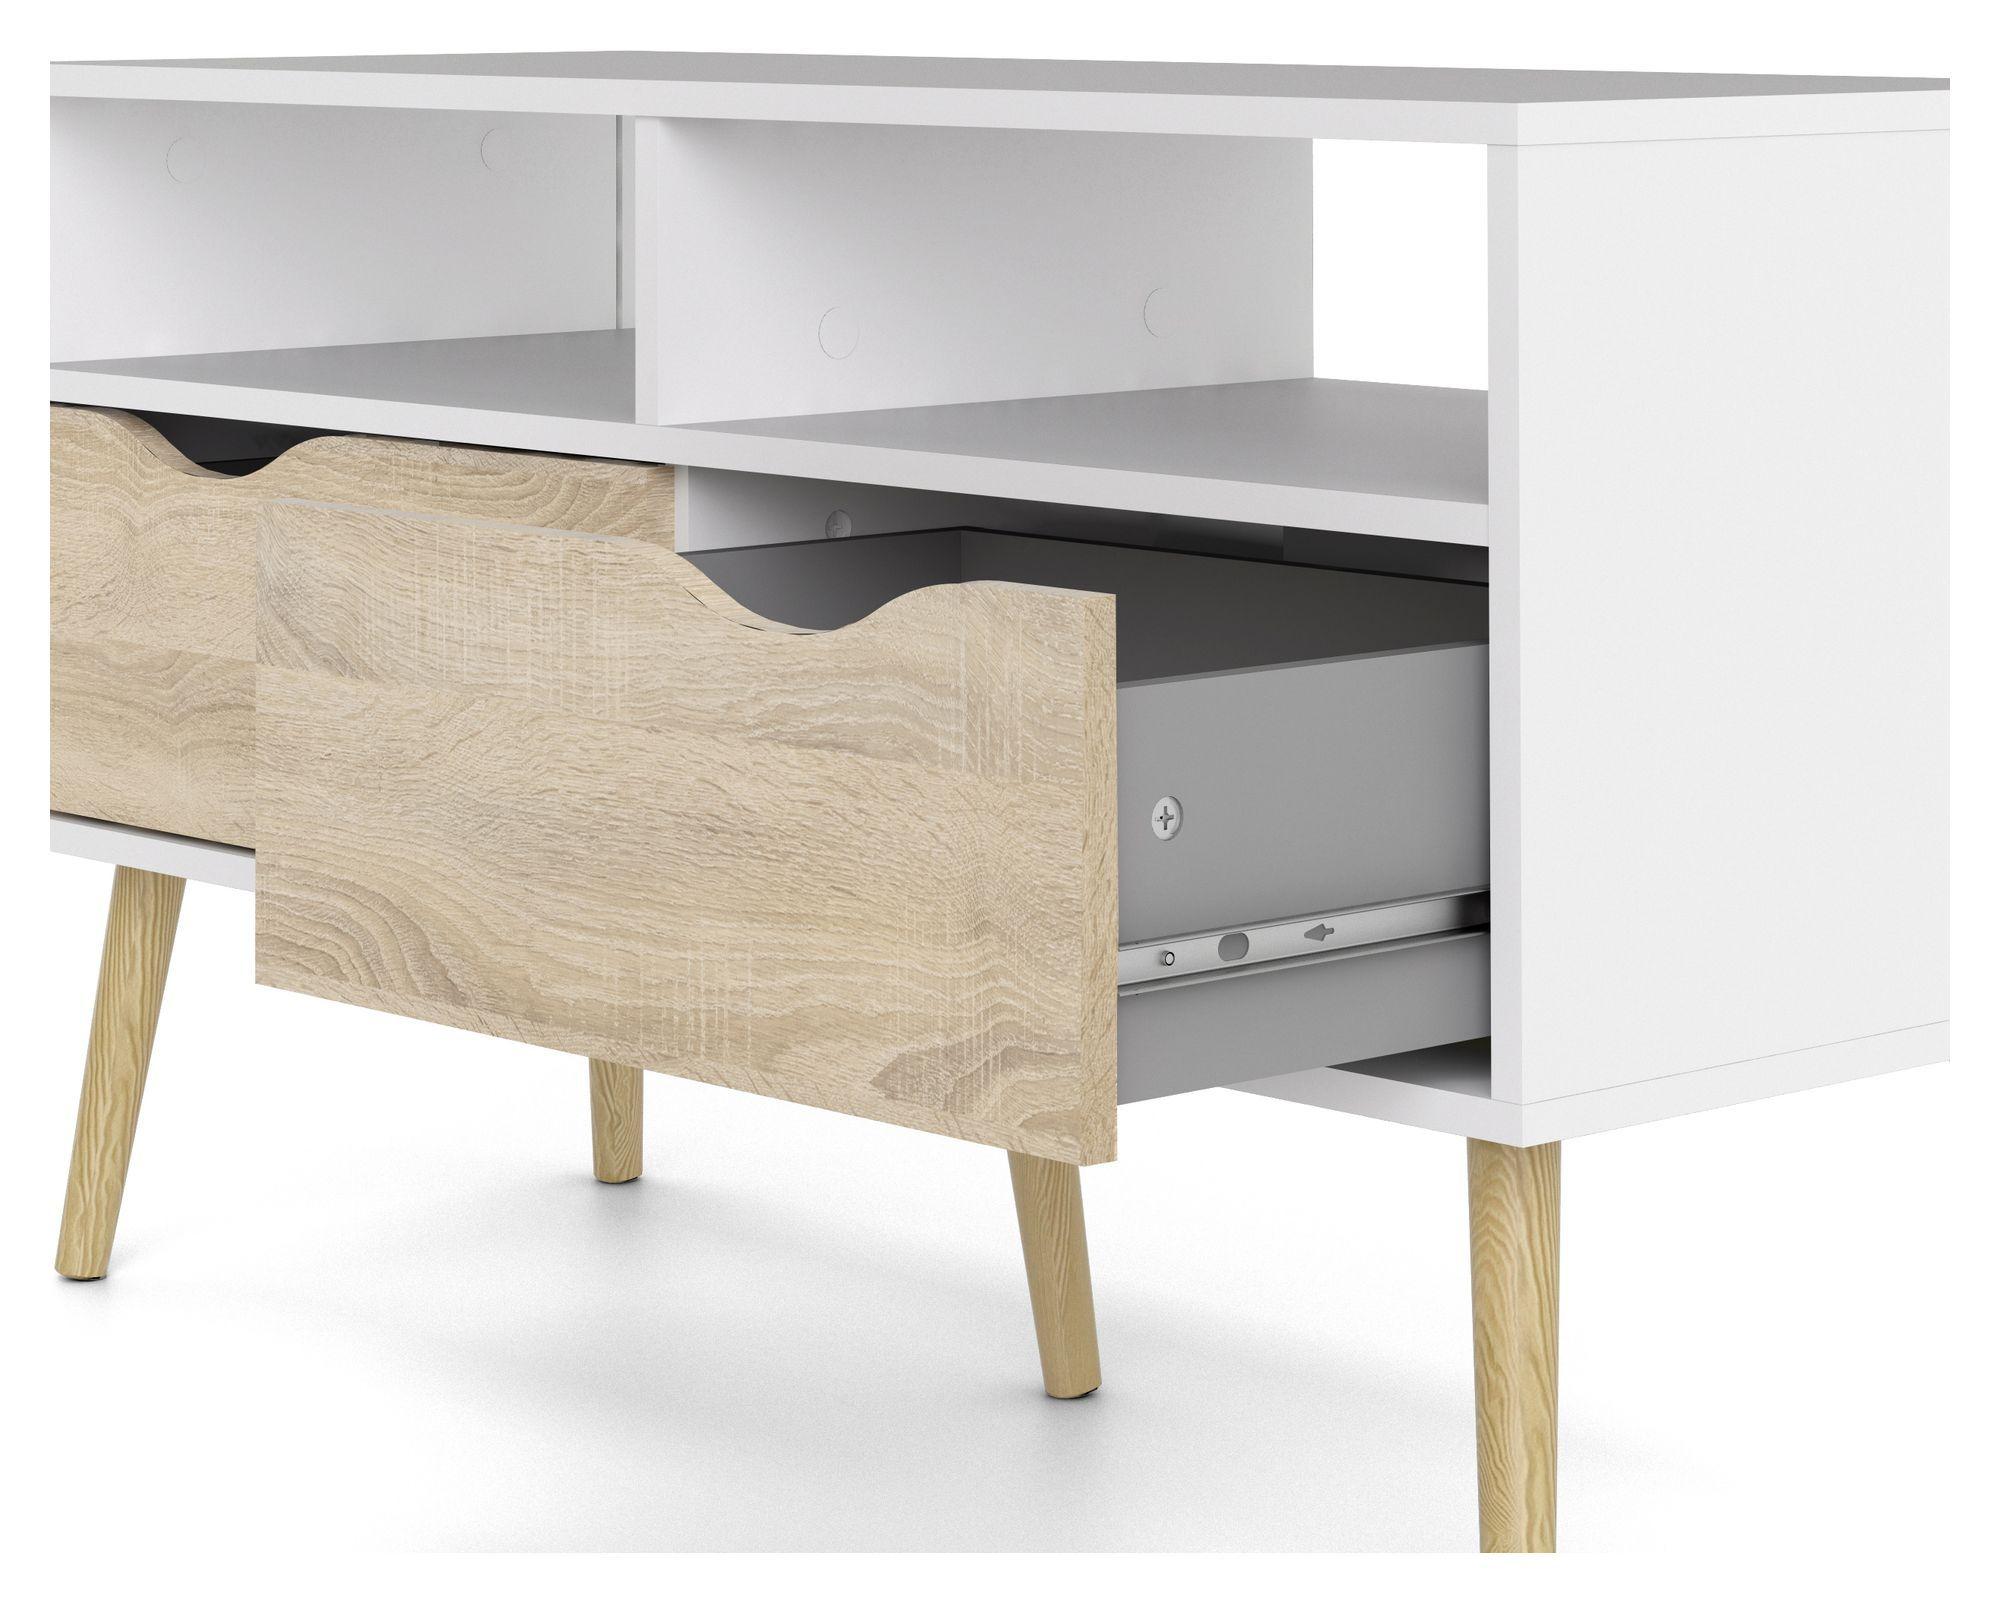 Delta Tvbord - Hvid - TV-bord i hvid med 2 skuffer